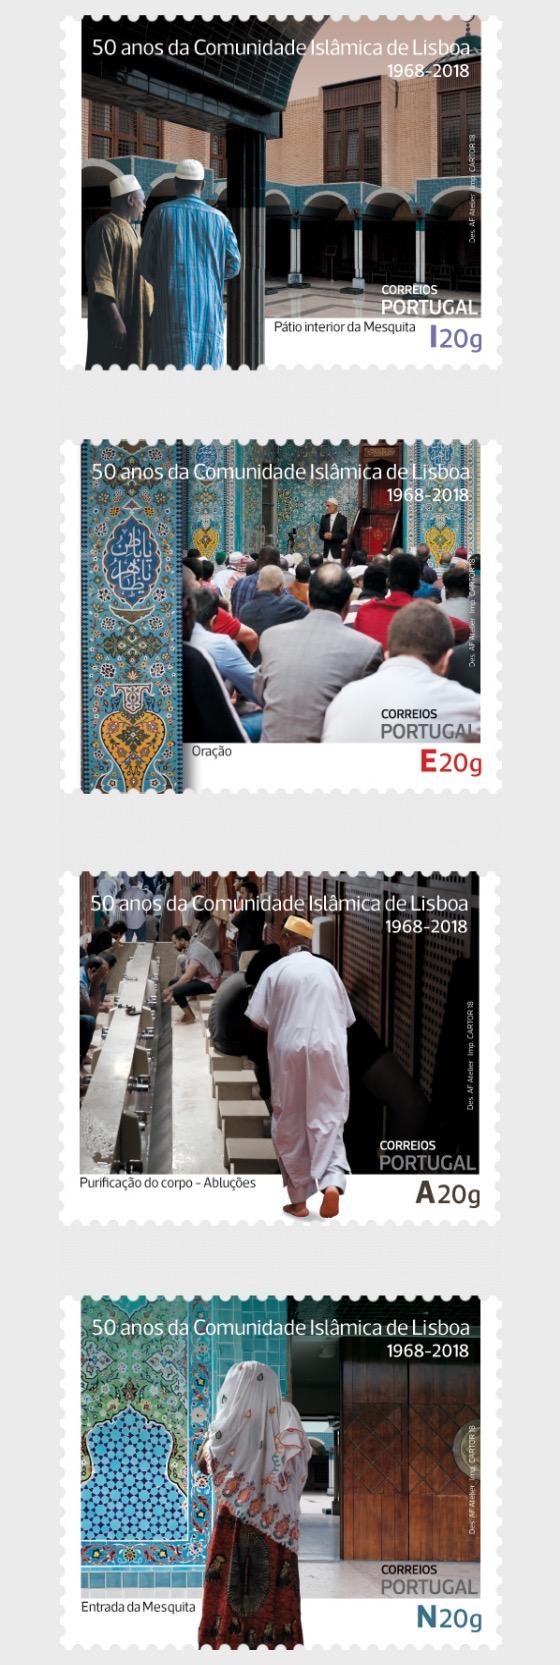 Die Islamische Gemeinschaft von Lissabon - Serie